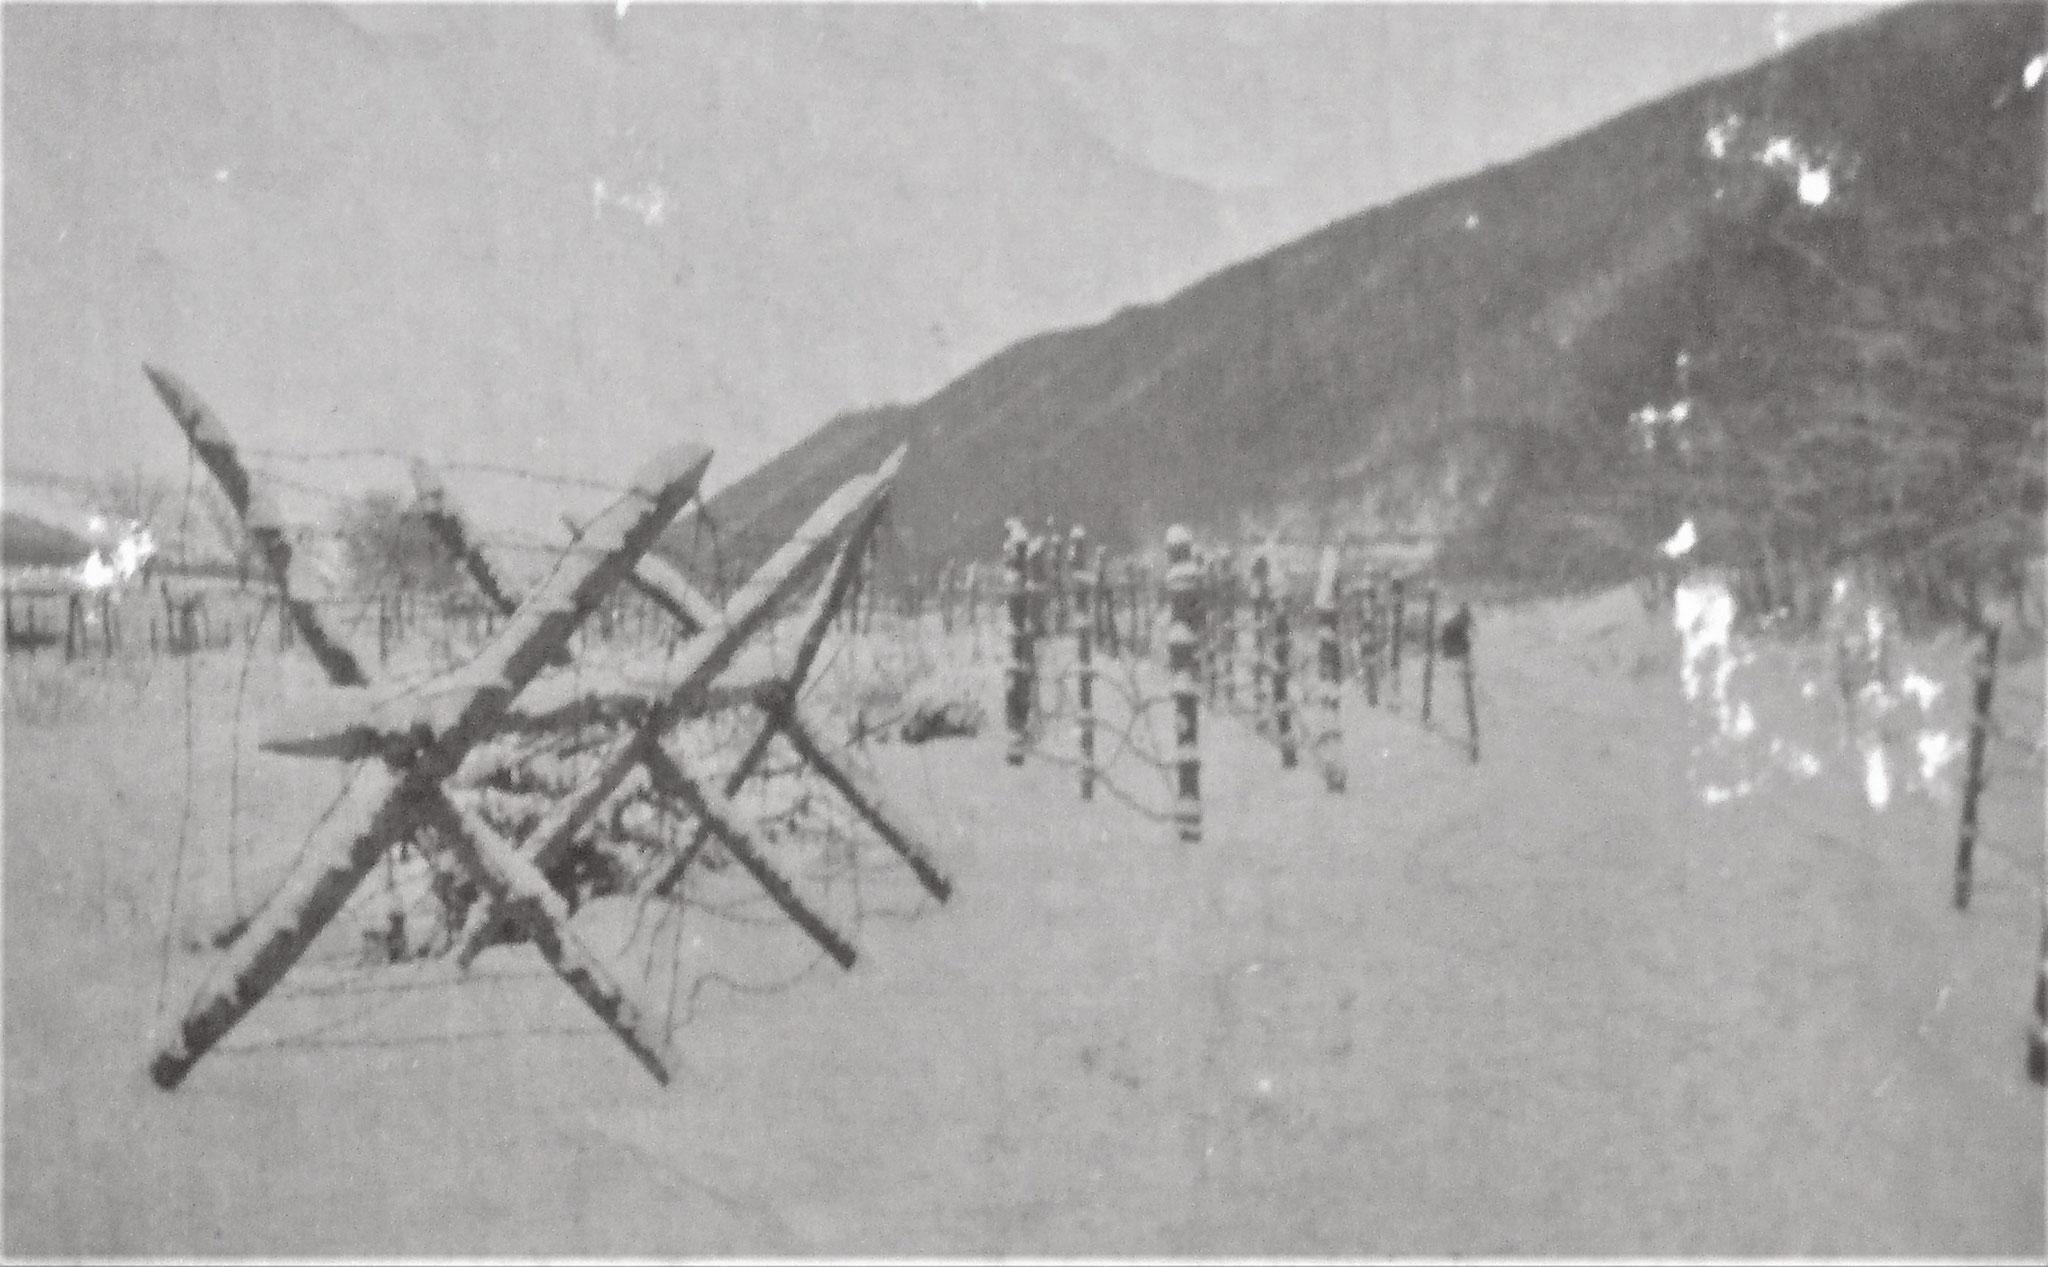 Drahthindernis vor dem linken Flügel des 3. Zuges.